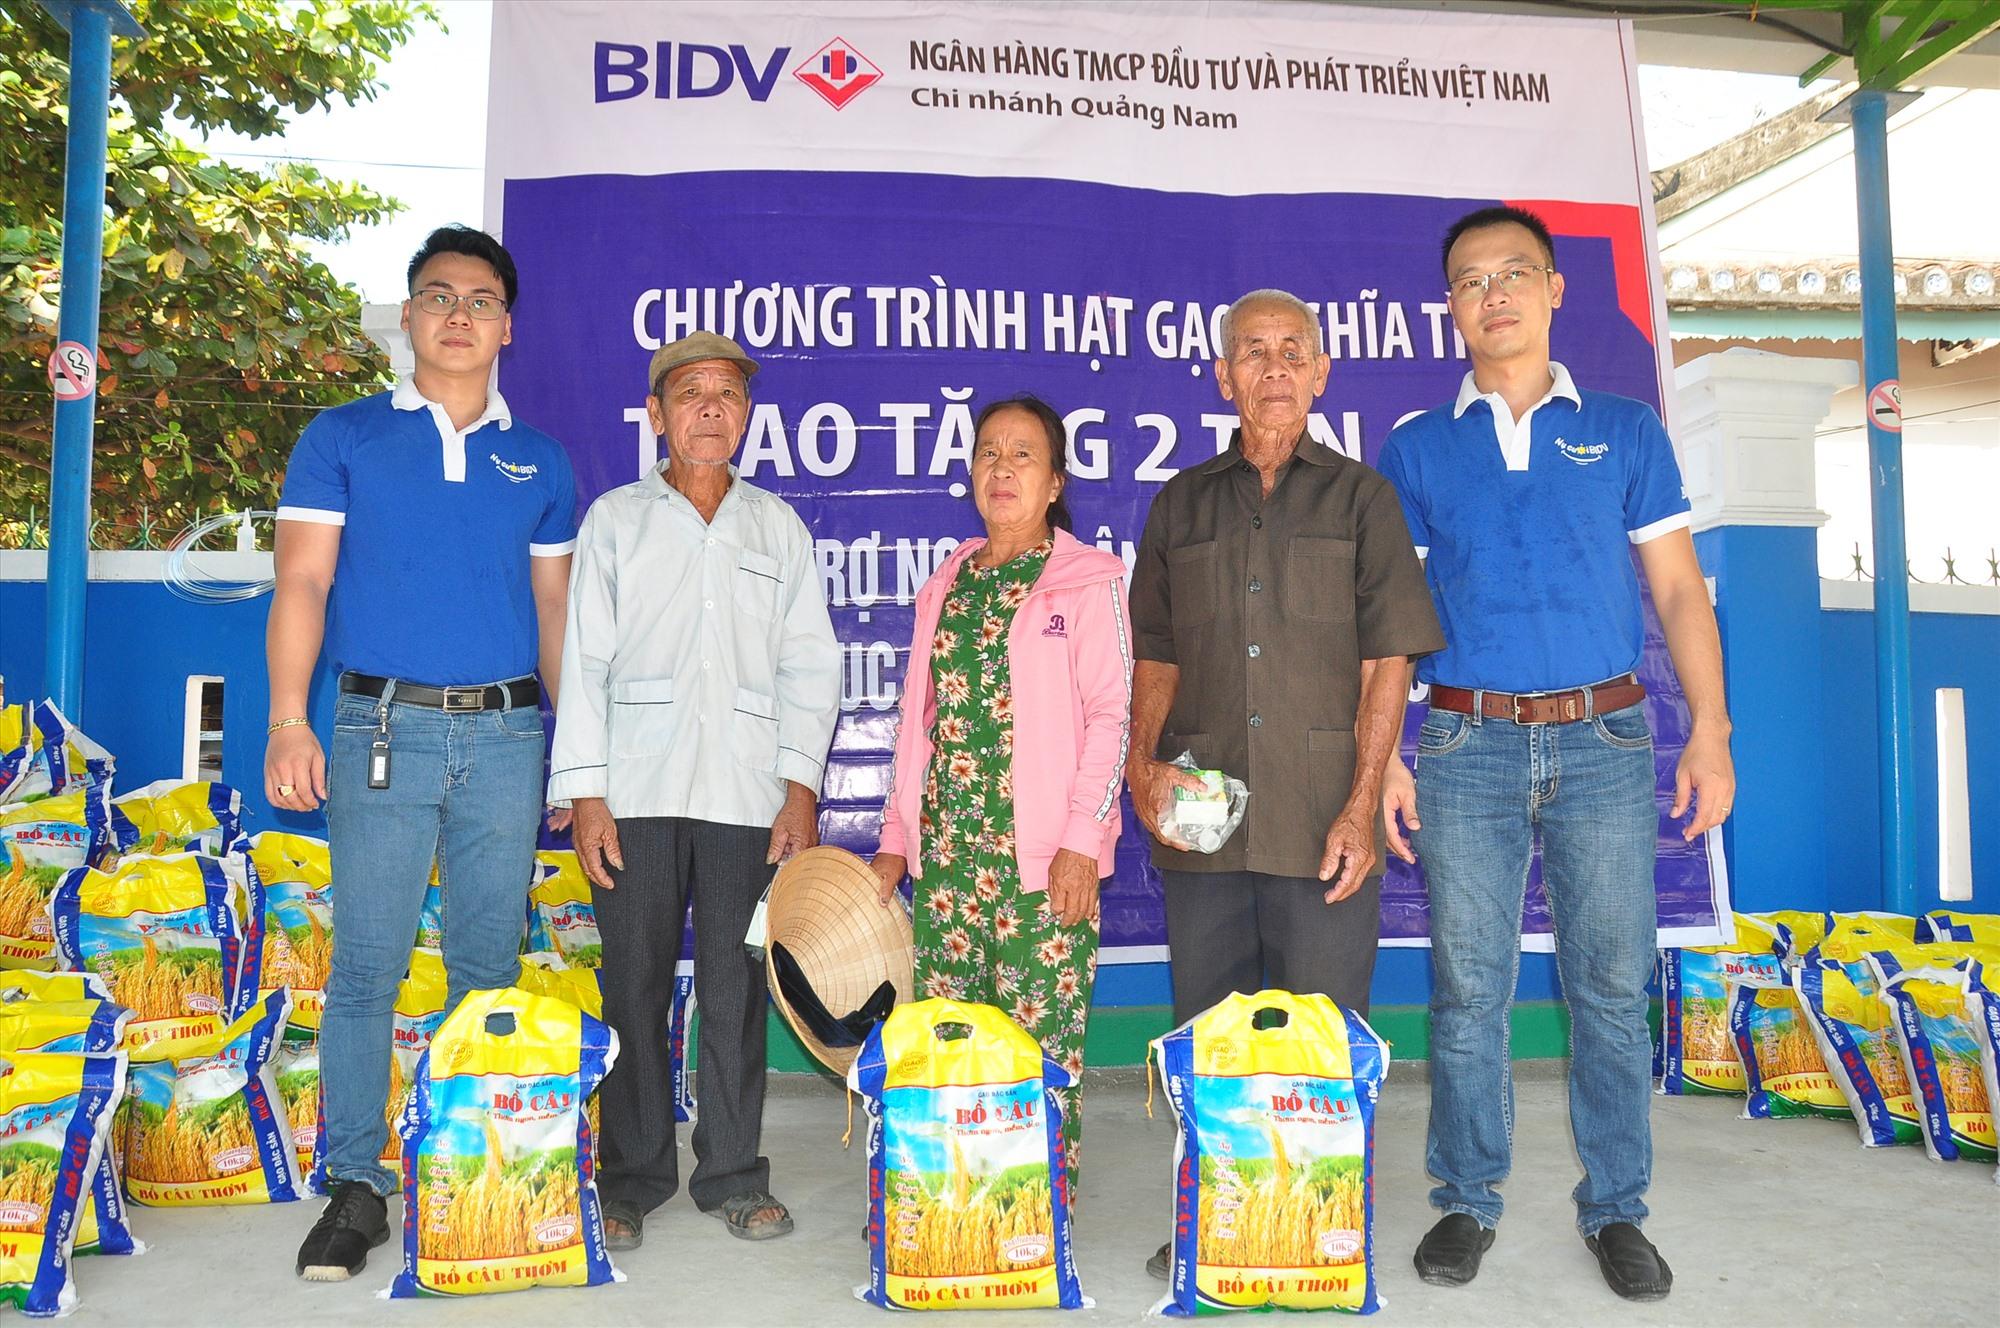 Tại chương trình, Đoàn thanh niên Ngân hàng BIDV Quảng Nam tặng mỗi người dân 10kg gạo. Ảnh: VINH ANH